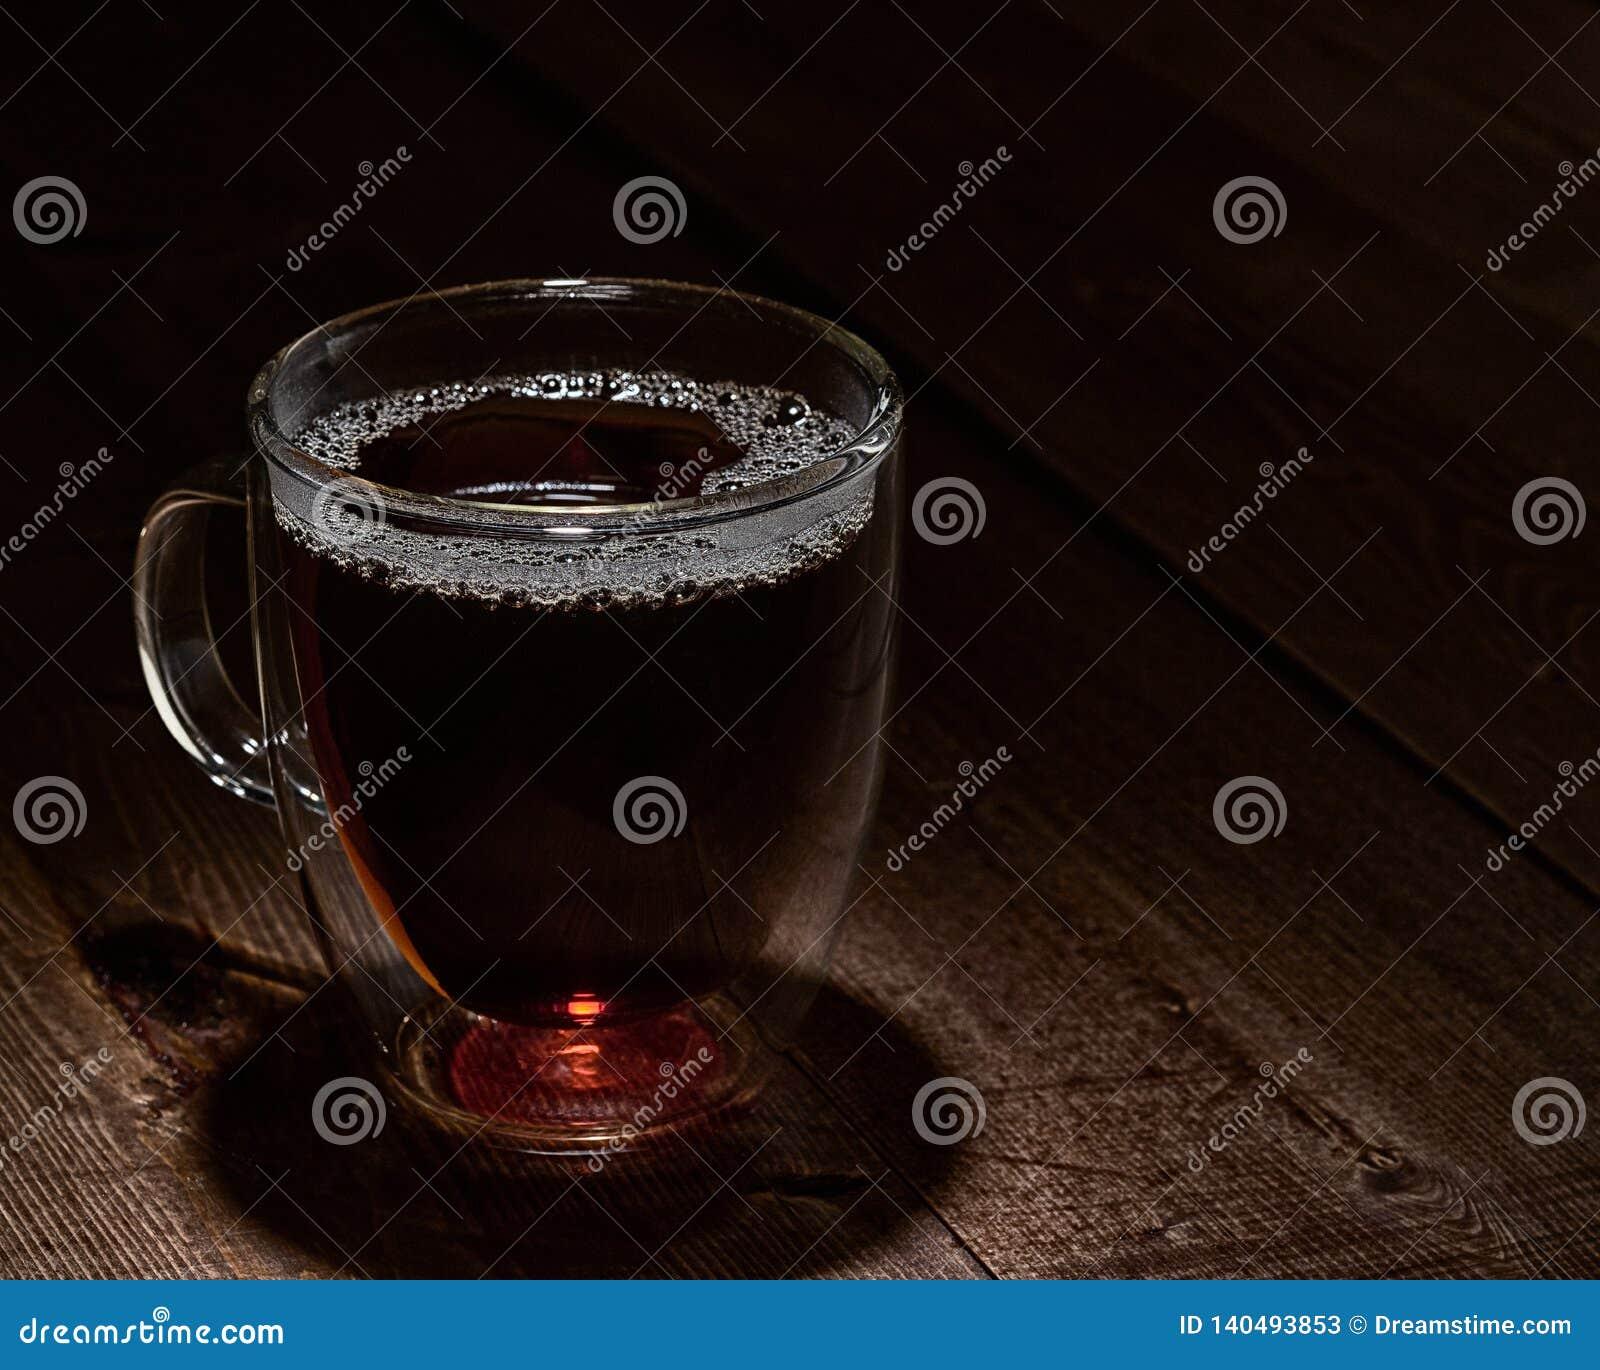 Чашка чаю в унылом освещении